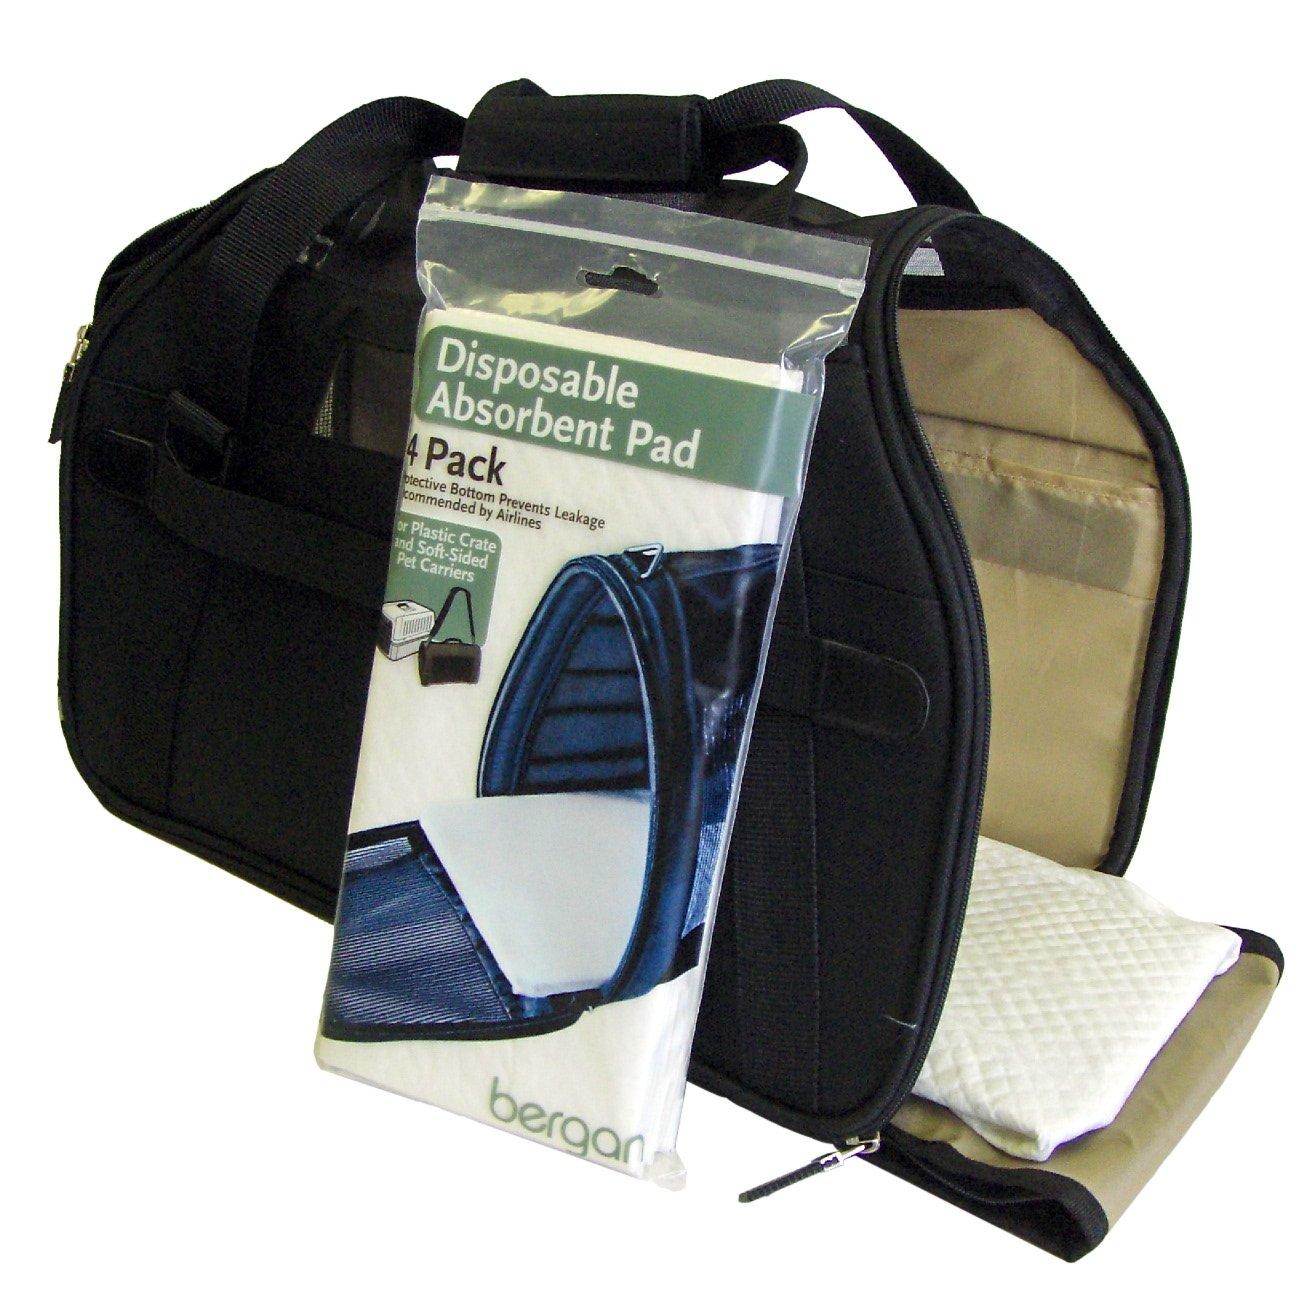 Bergan Disposable Pet Pads, 4 pack